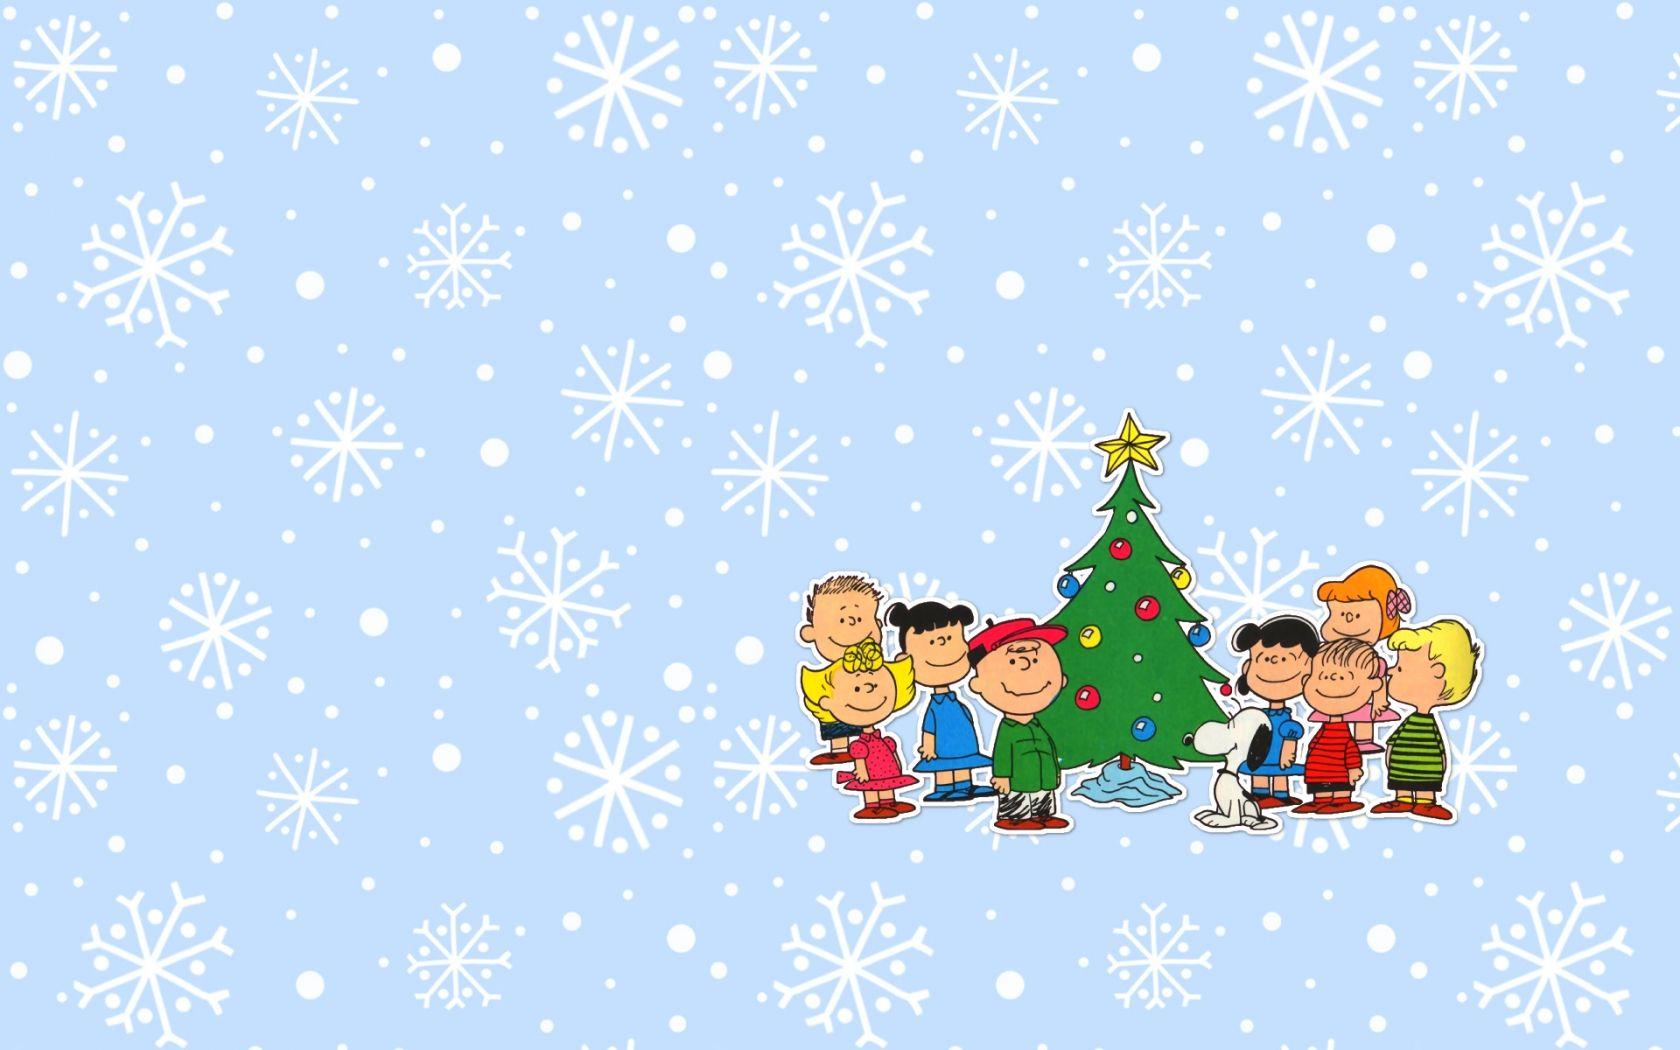 Charlie Brown Christmas Backgrounds Christmas Tree Wallpaper Christmas Wallpaper Backgrounds Charlie Brown Wallpaper